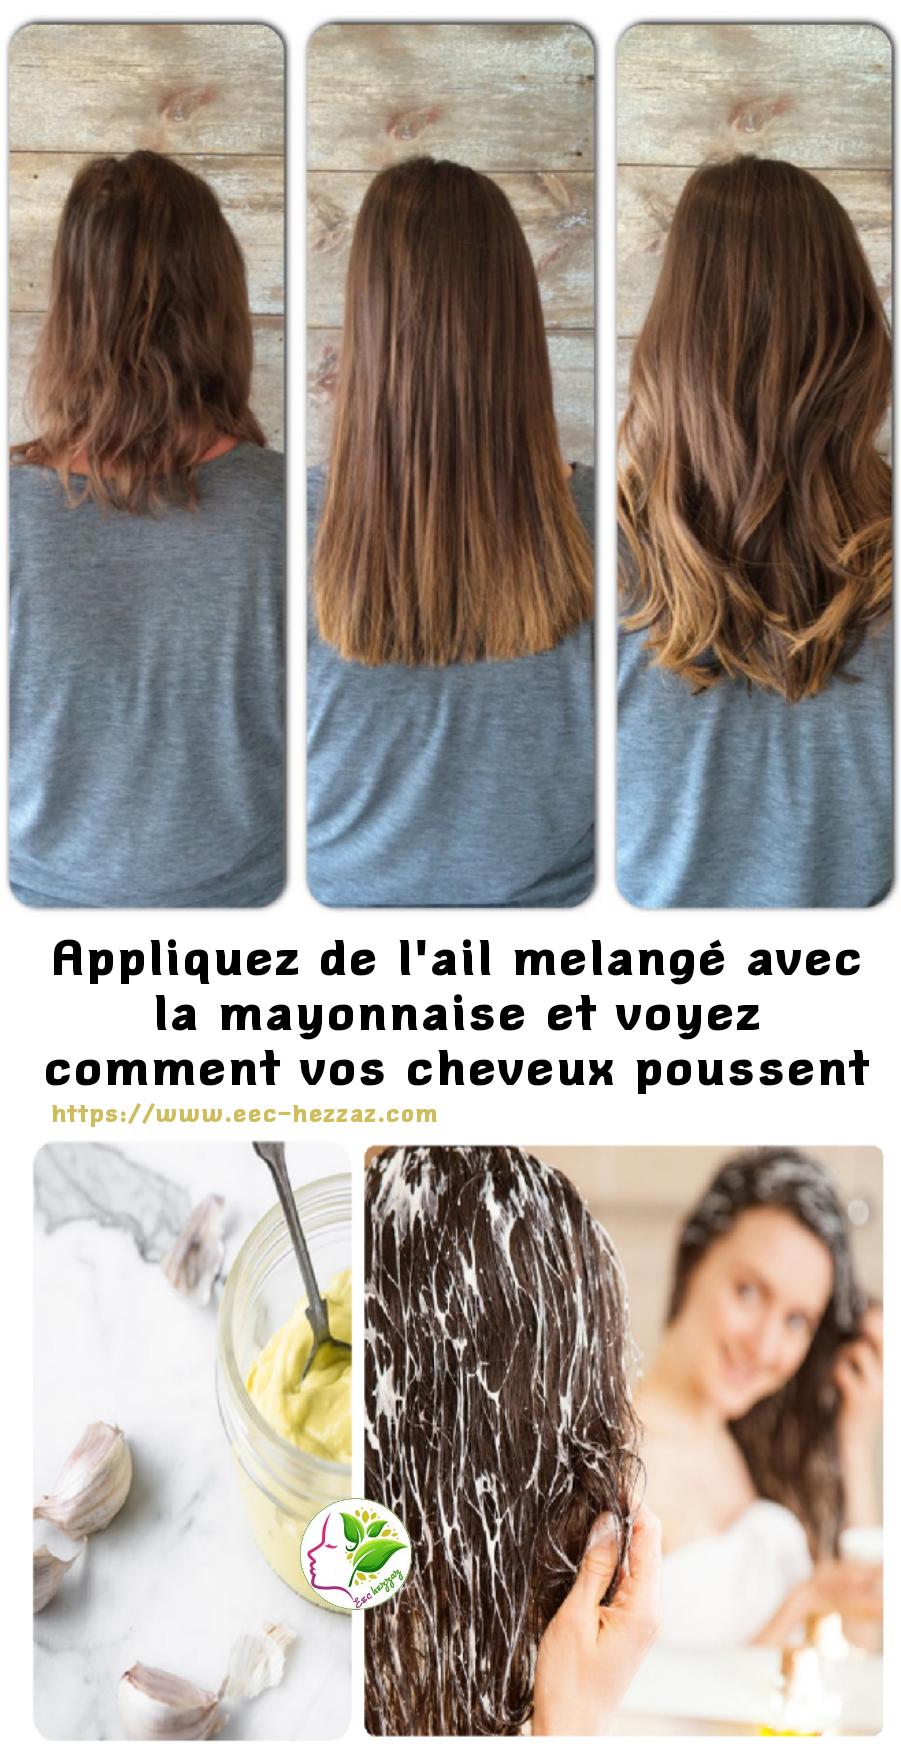 Appliquez de l'ail melangé avec la mayonnaise et voyez comment vos cheveux poussent